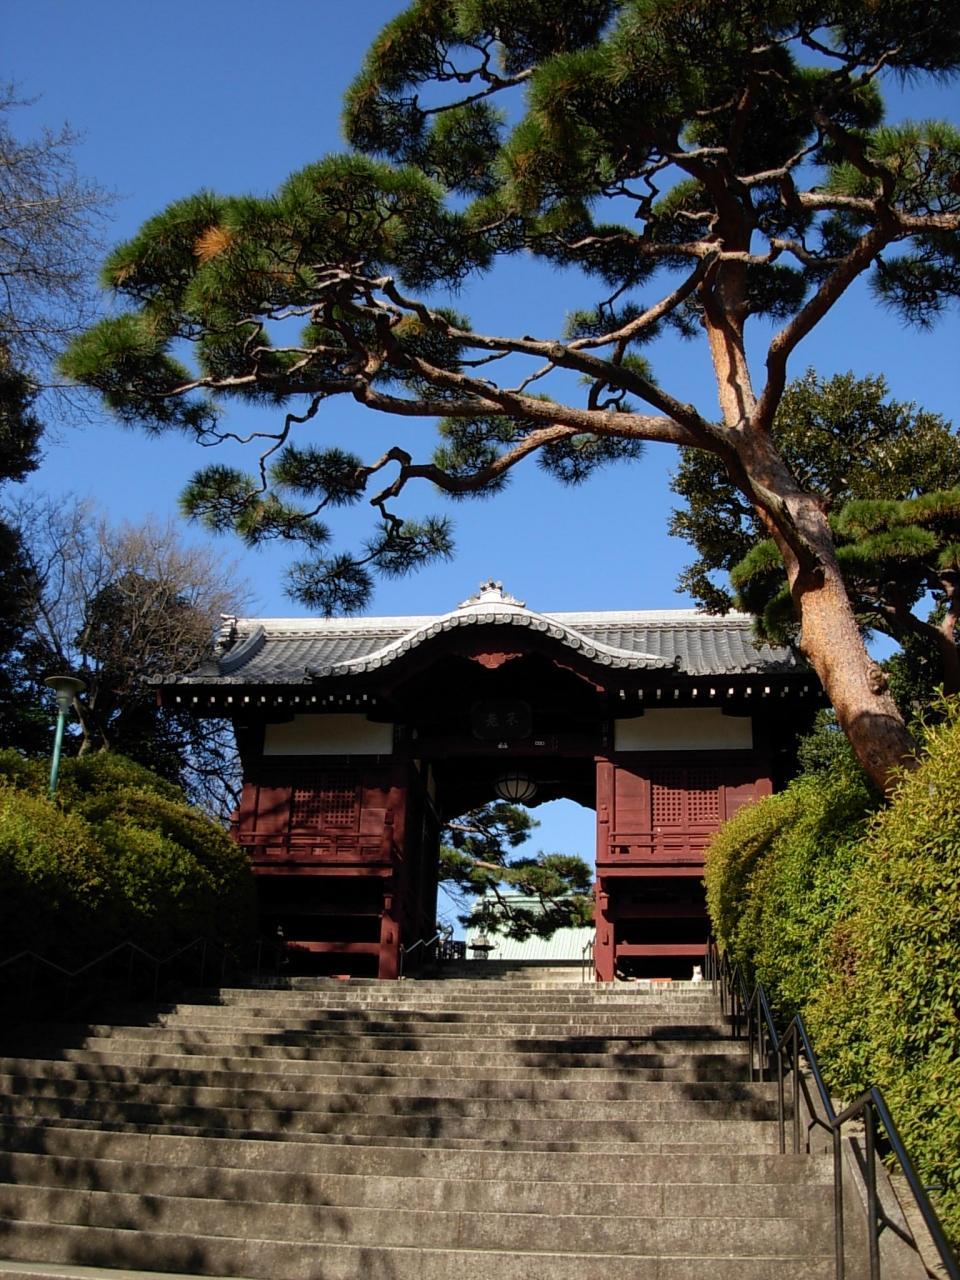 『 音羽 御殿  』 (鳩山 会館)ーーー 師走 の、 護国寺 から、  早稲田  へと・・・ の~んびり!  東京 散歩。